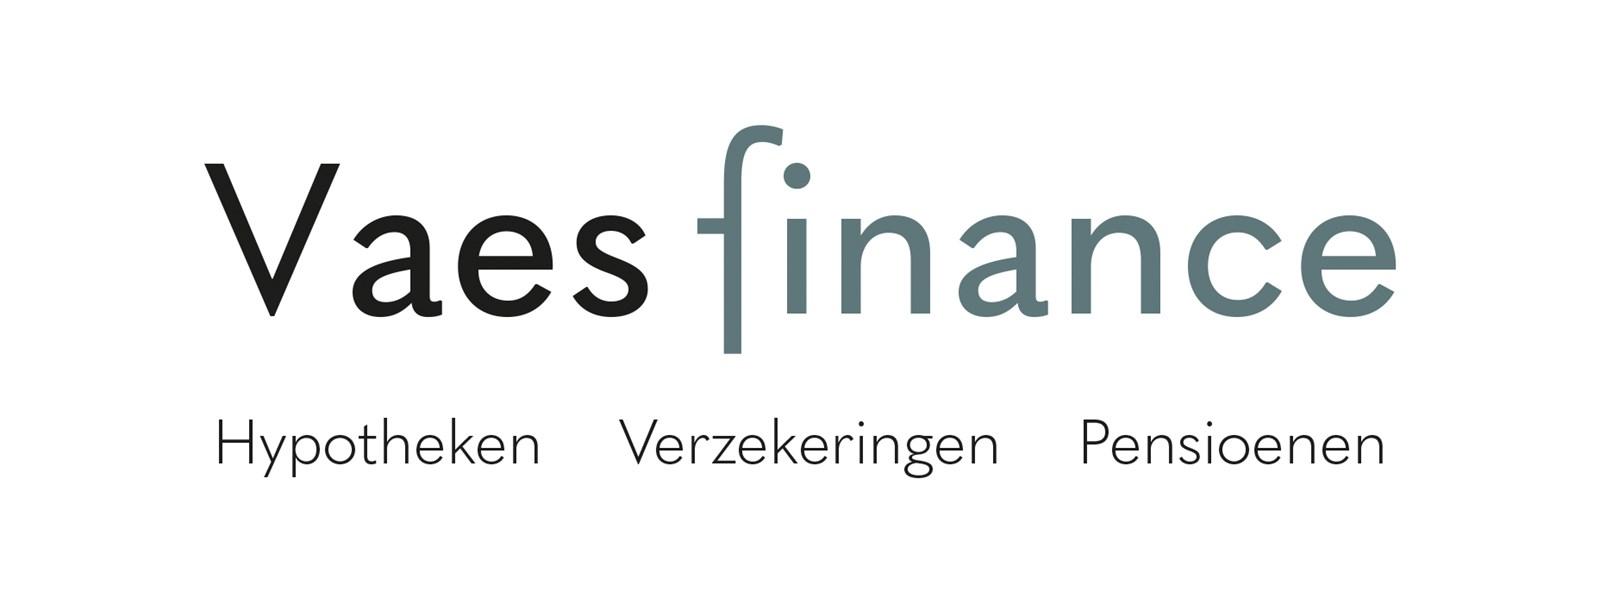 Afbeelding van Vaes Finance